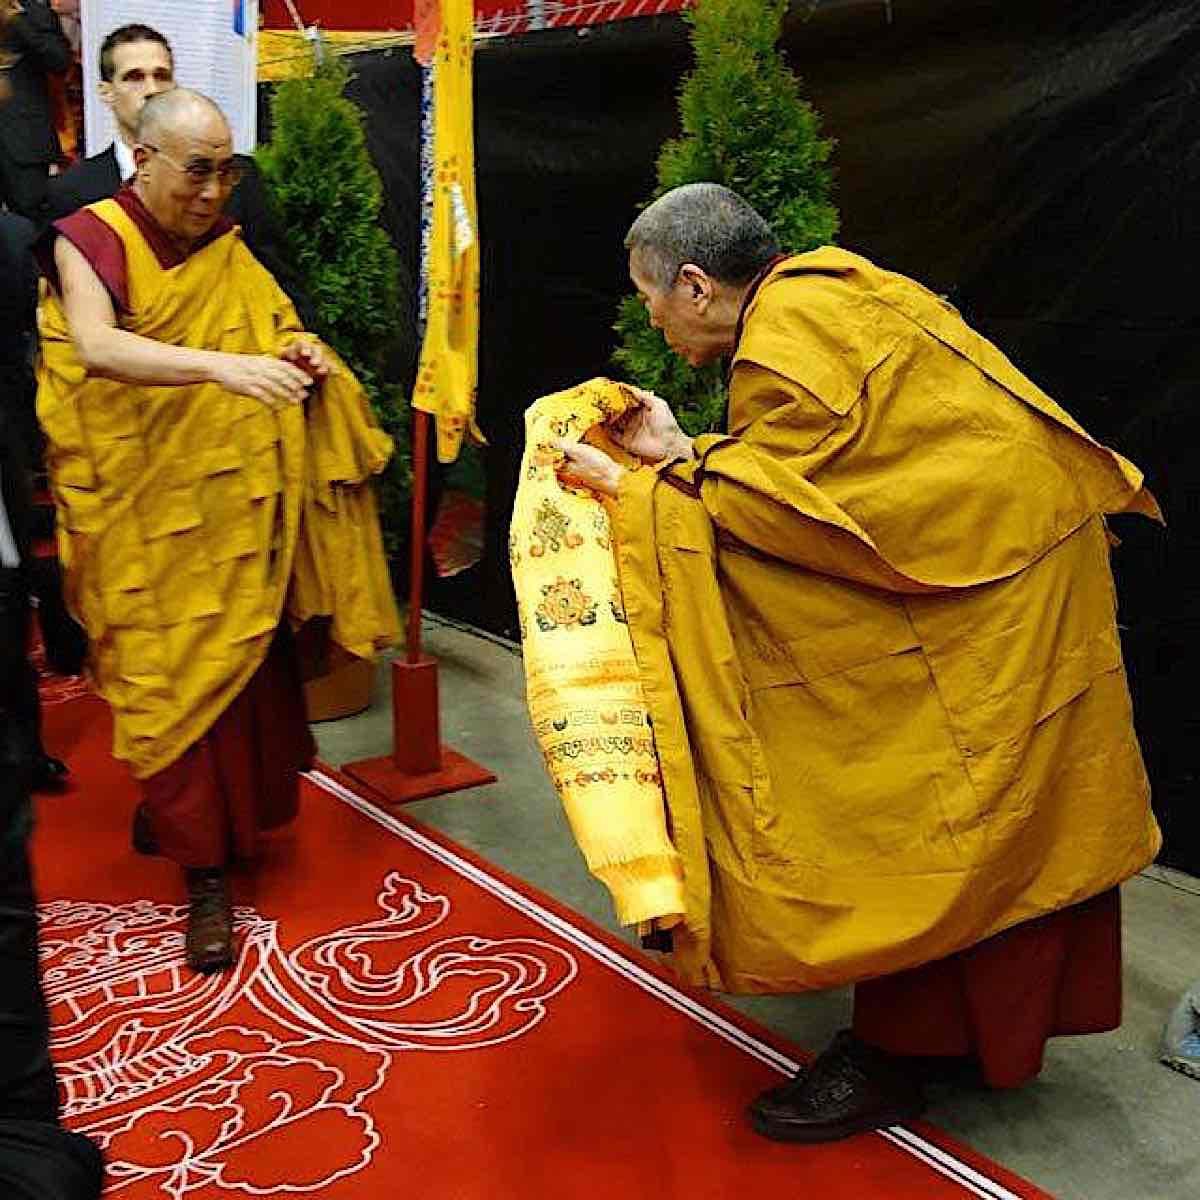 Buddha Weekly Lama Lodro Tulku Rinpoche meets Dalai Lama Buddhism